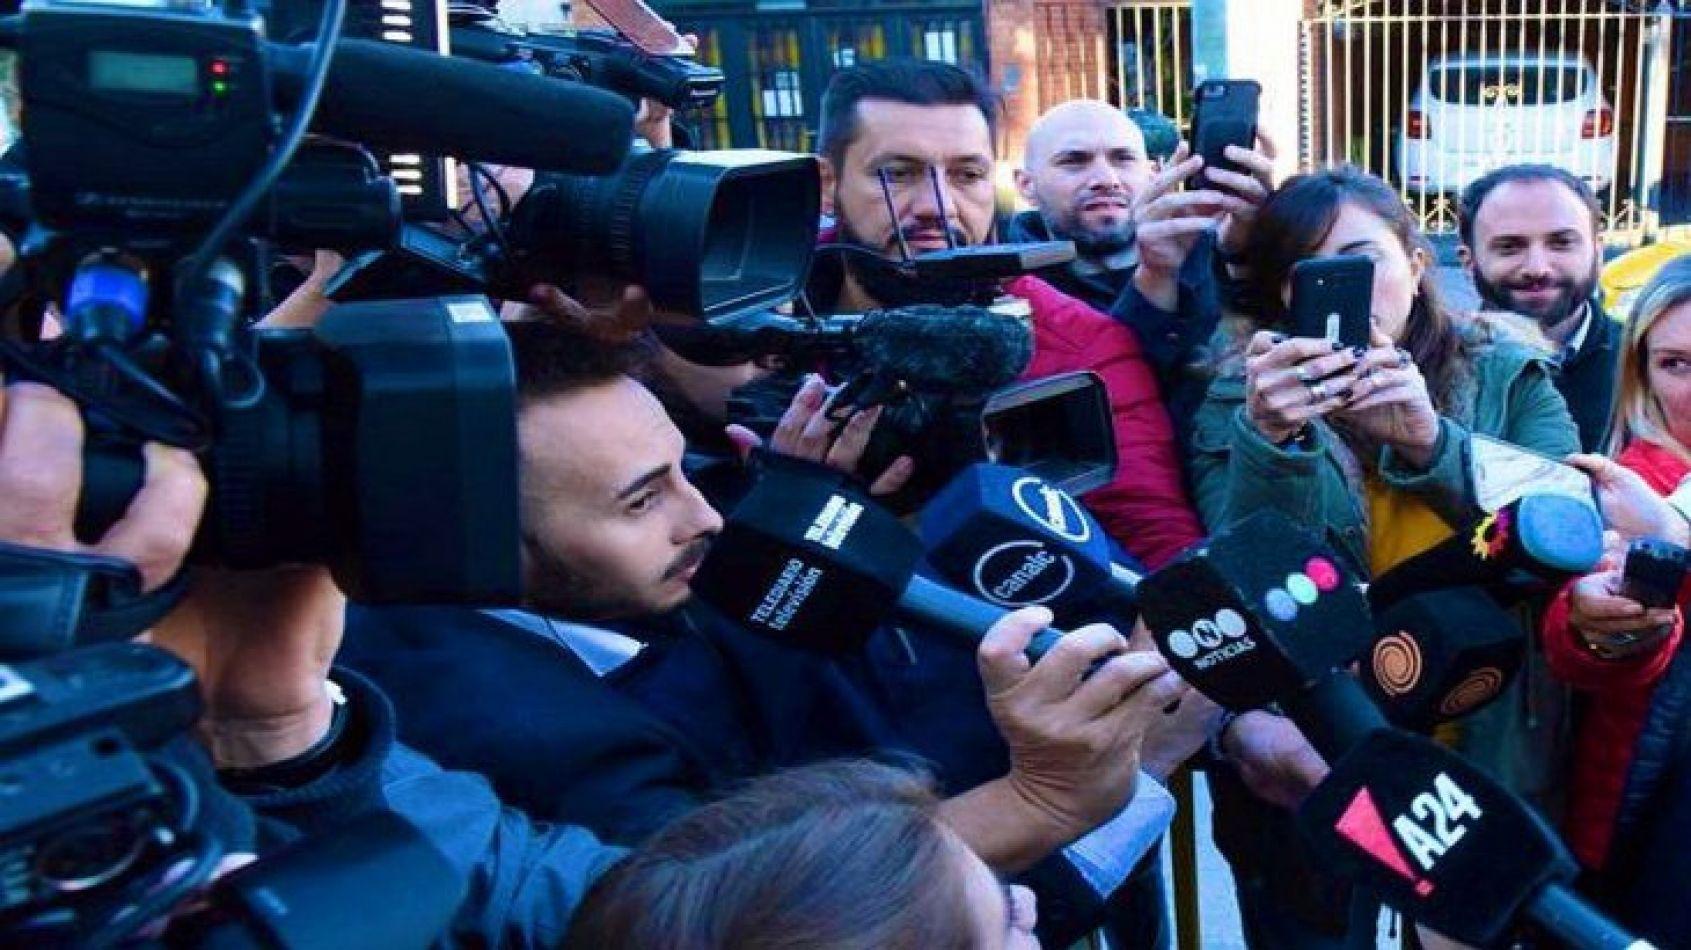 Advierten que llegó la hora del consenso entre los medios de comunicación y el Estado